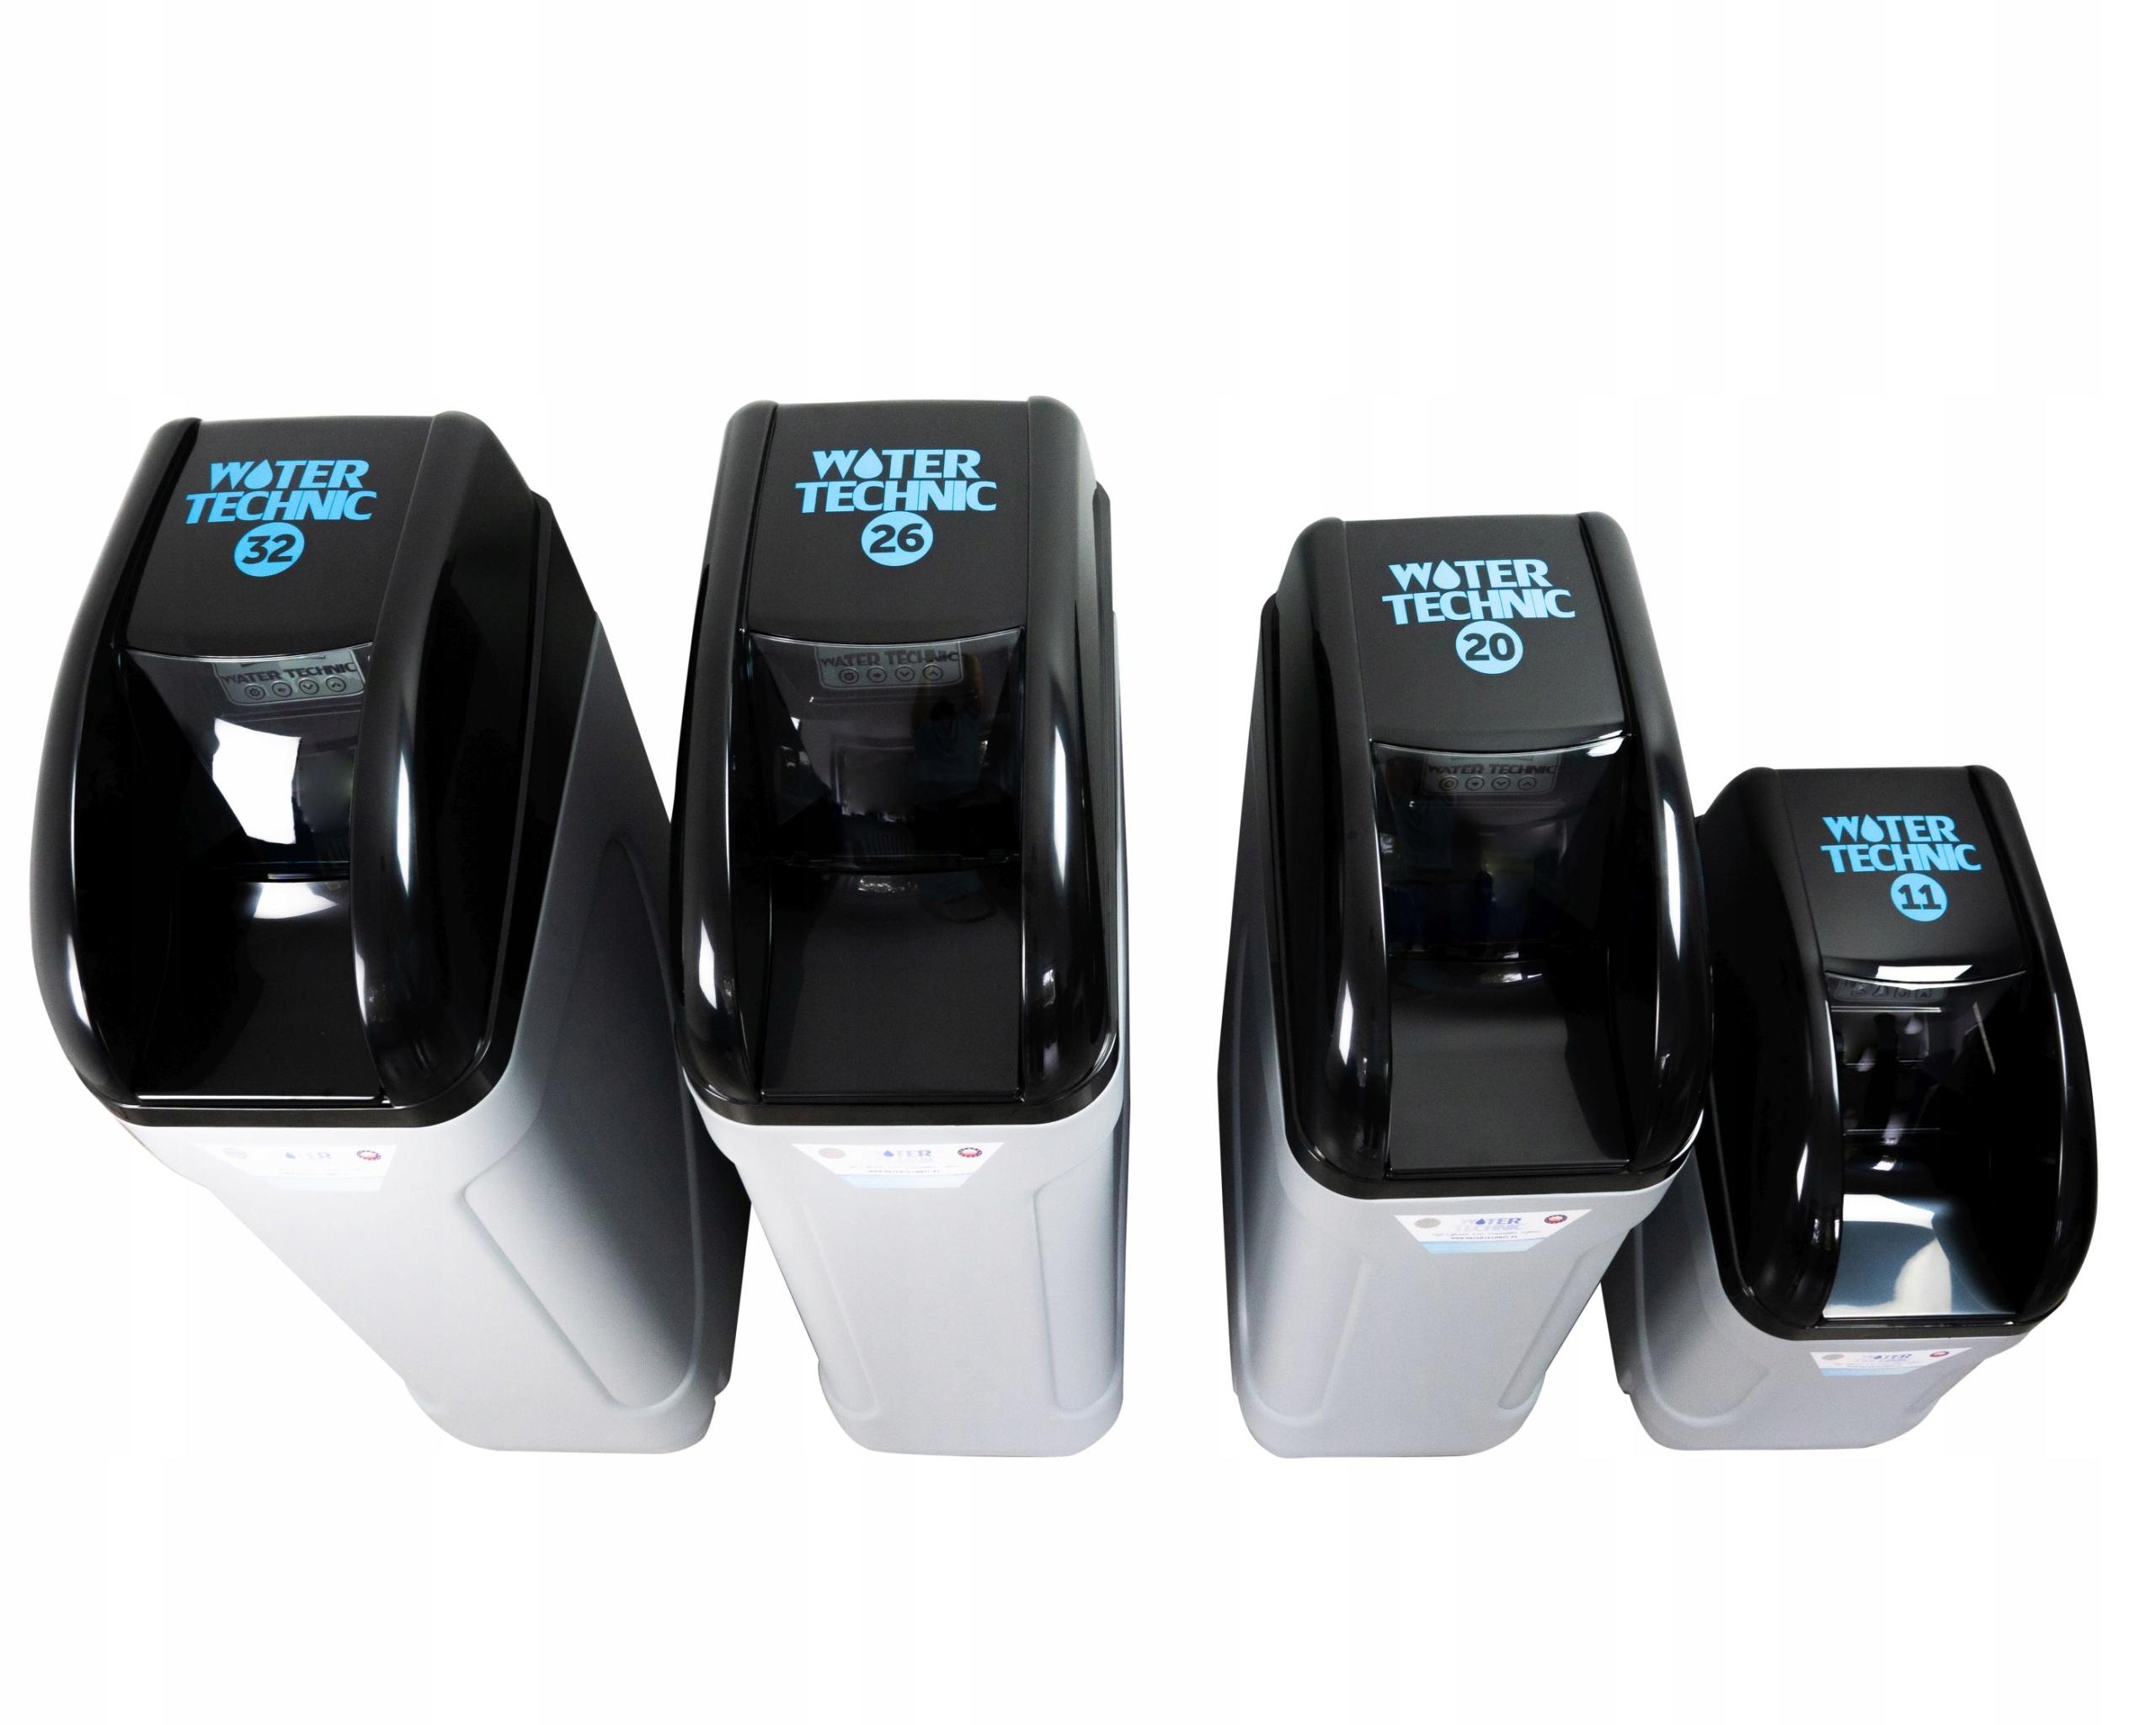 ZMIĘKCZACZ WODY WATER TECHNIC 20 SMART PACK UPFLOW Pojemność 20 l